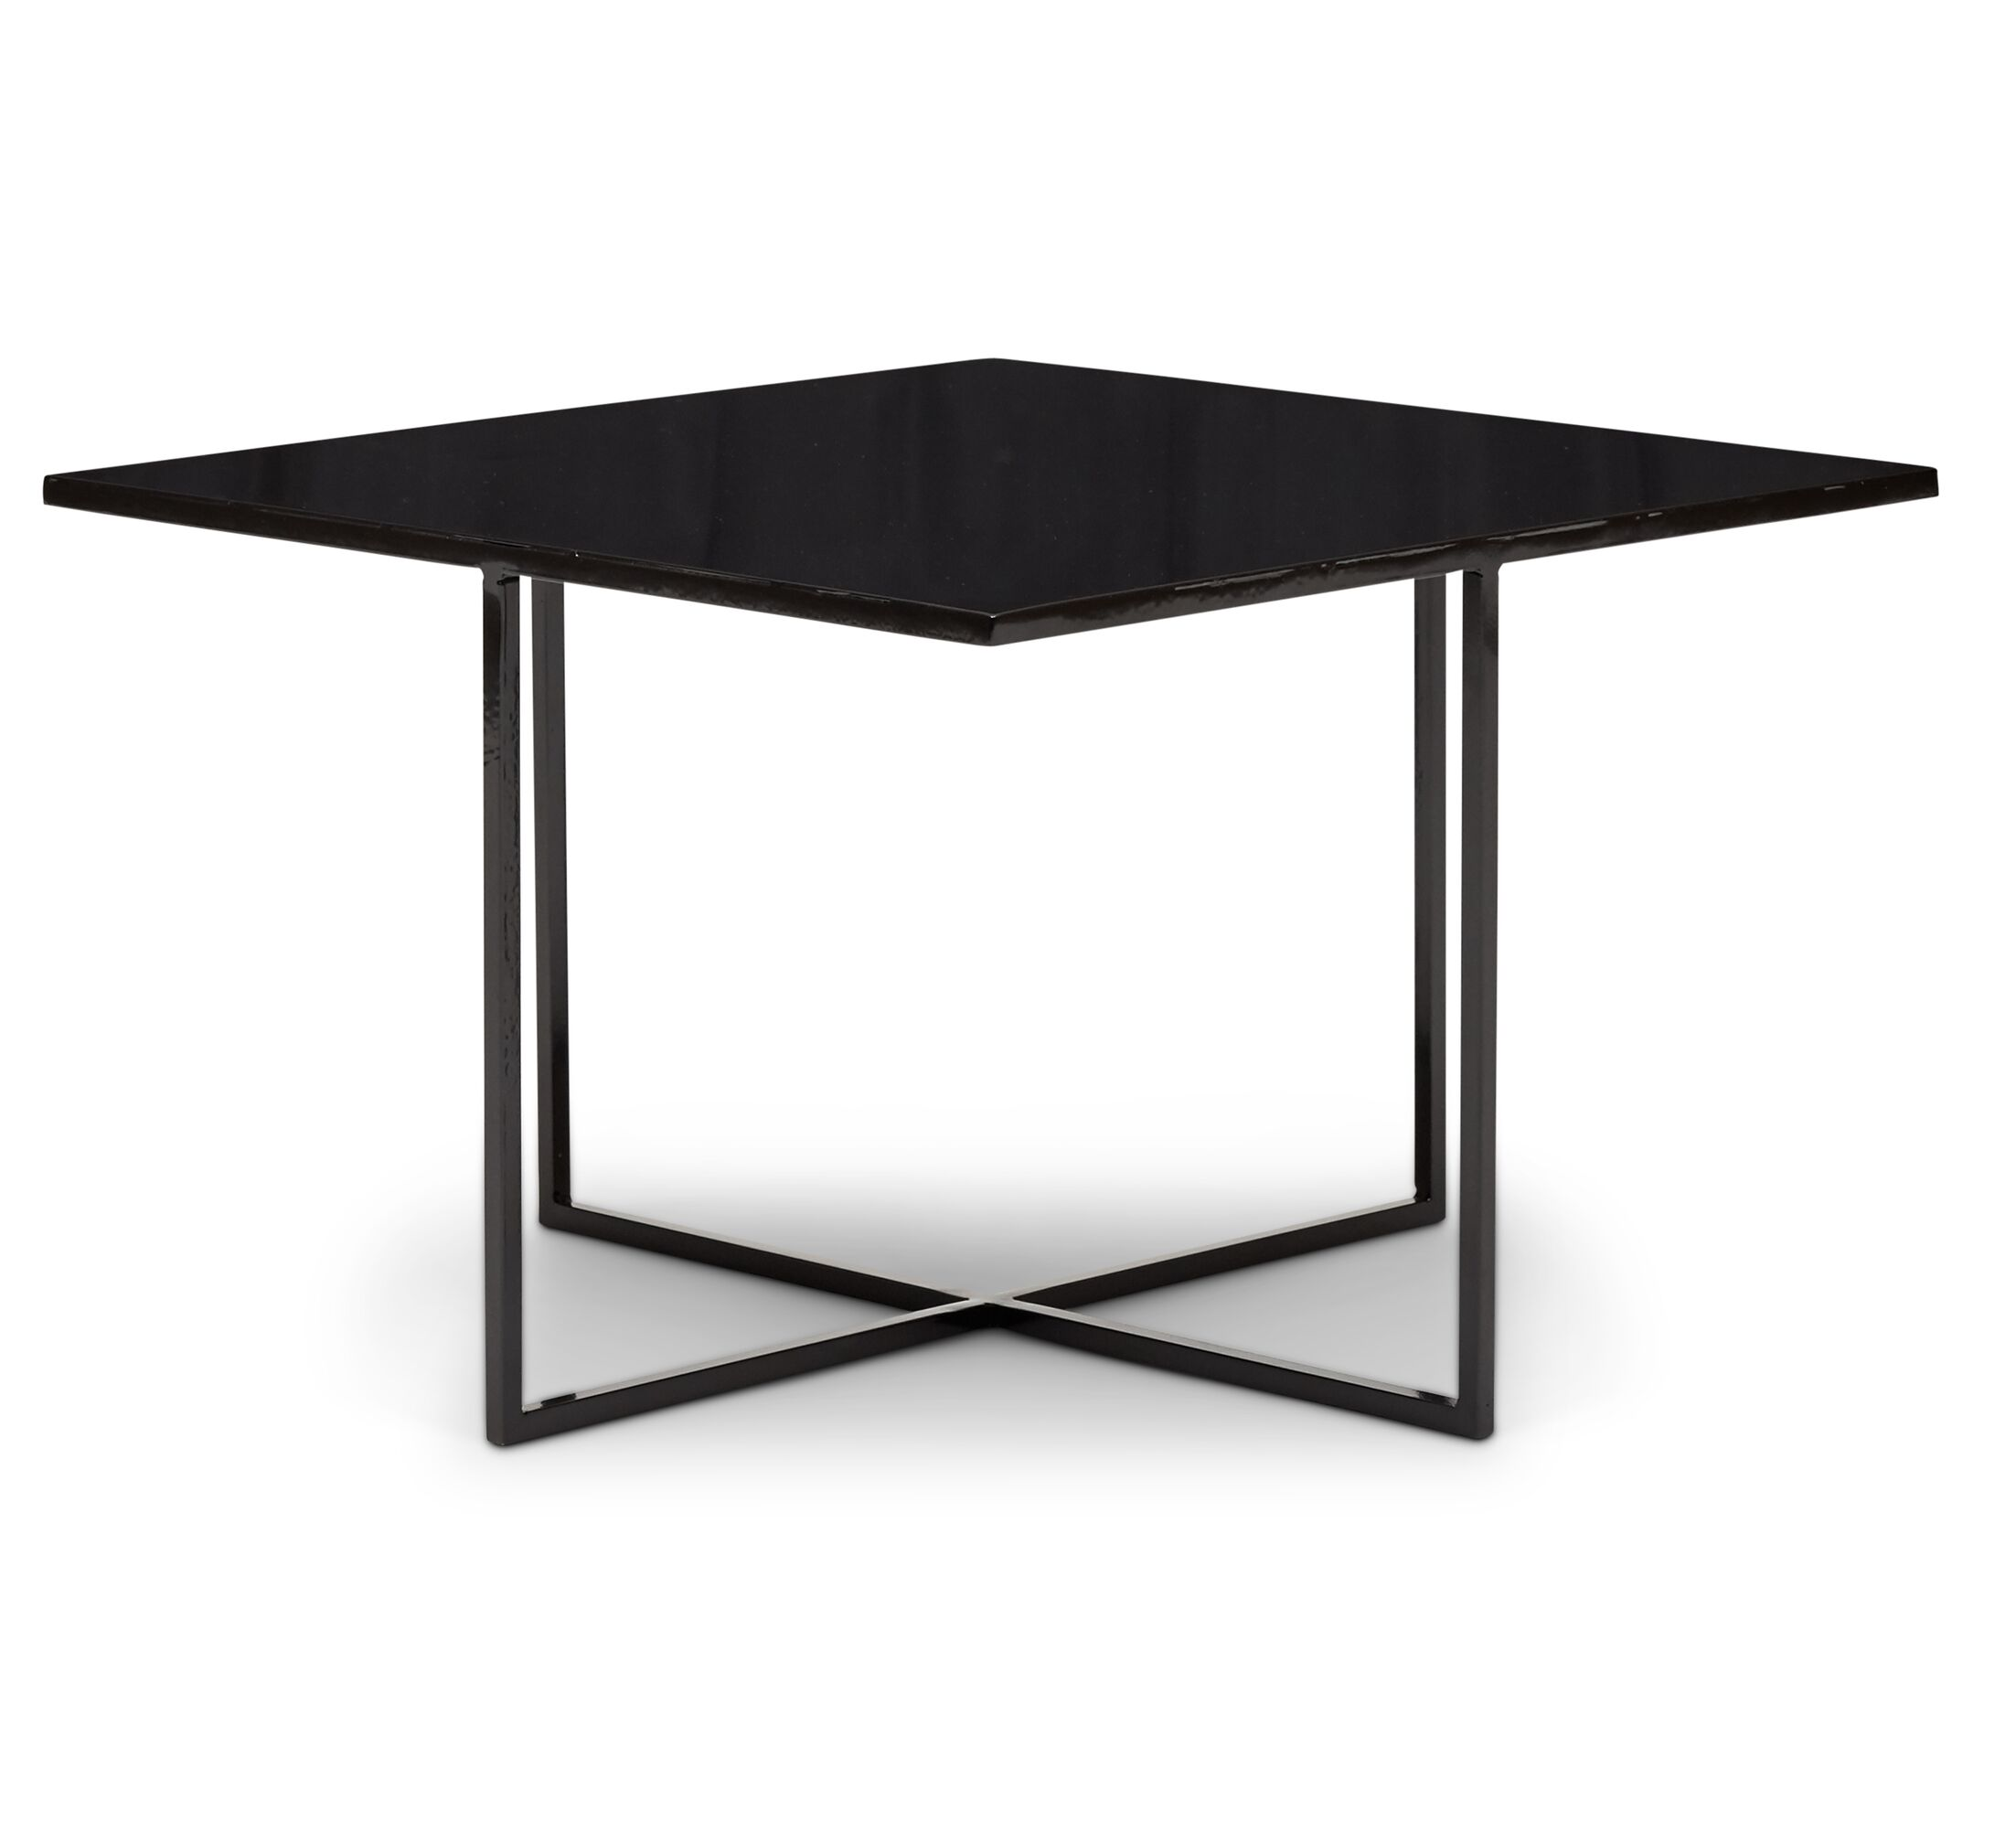 Fetterman Coffee Table Size: 15